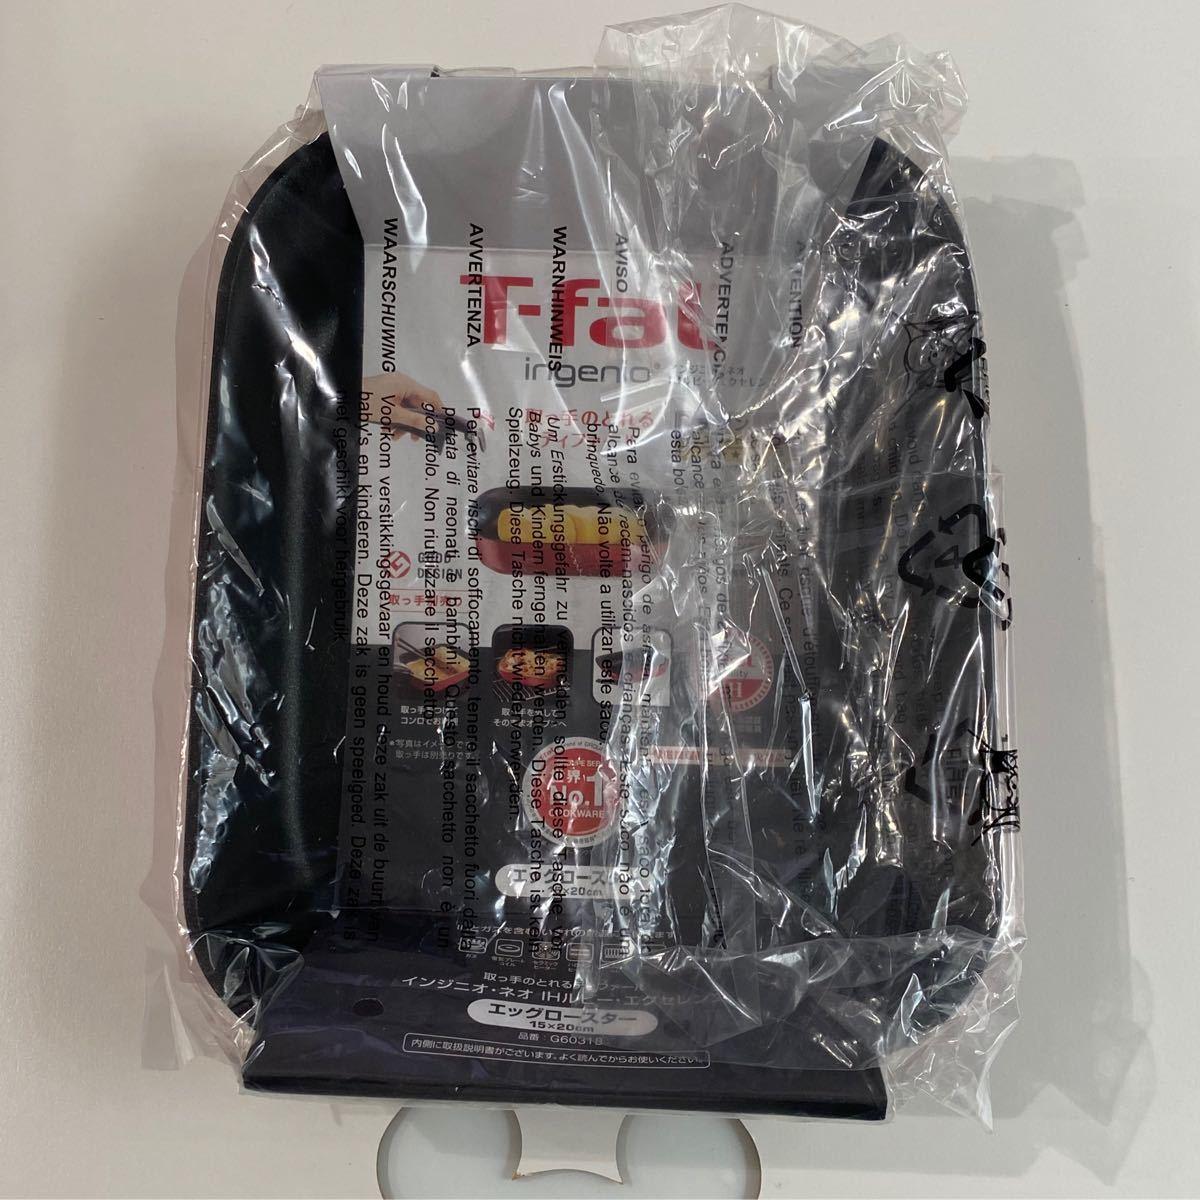 ティファール 卵焼き フライパン IH T-fal インジニオ・ネオ IHルビー・エクセレンス エッグロースター G60318